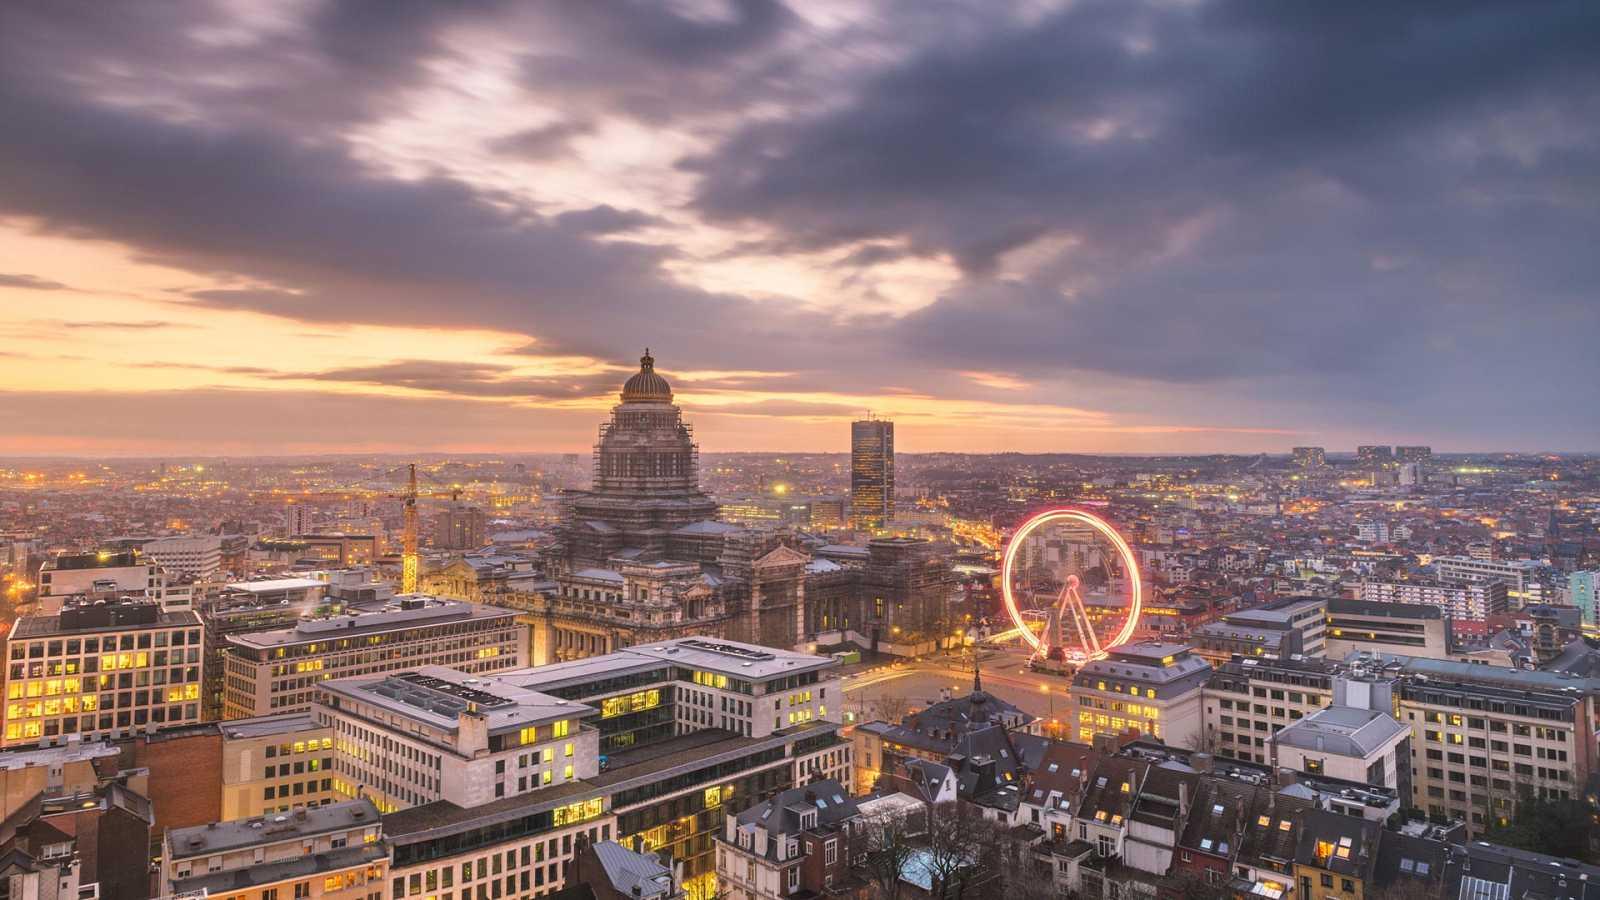 Visítame en un día - Episodio 4: Bruselas - ver ahora